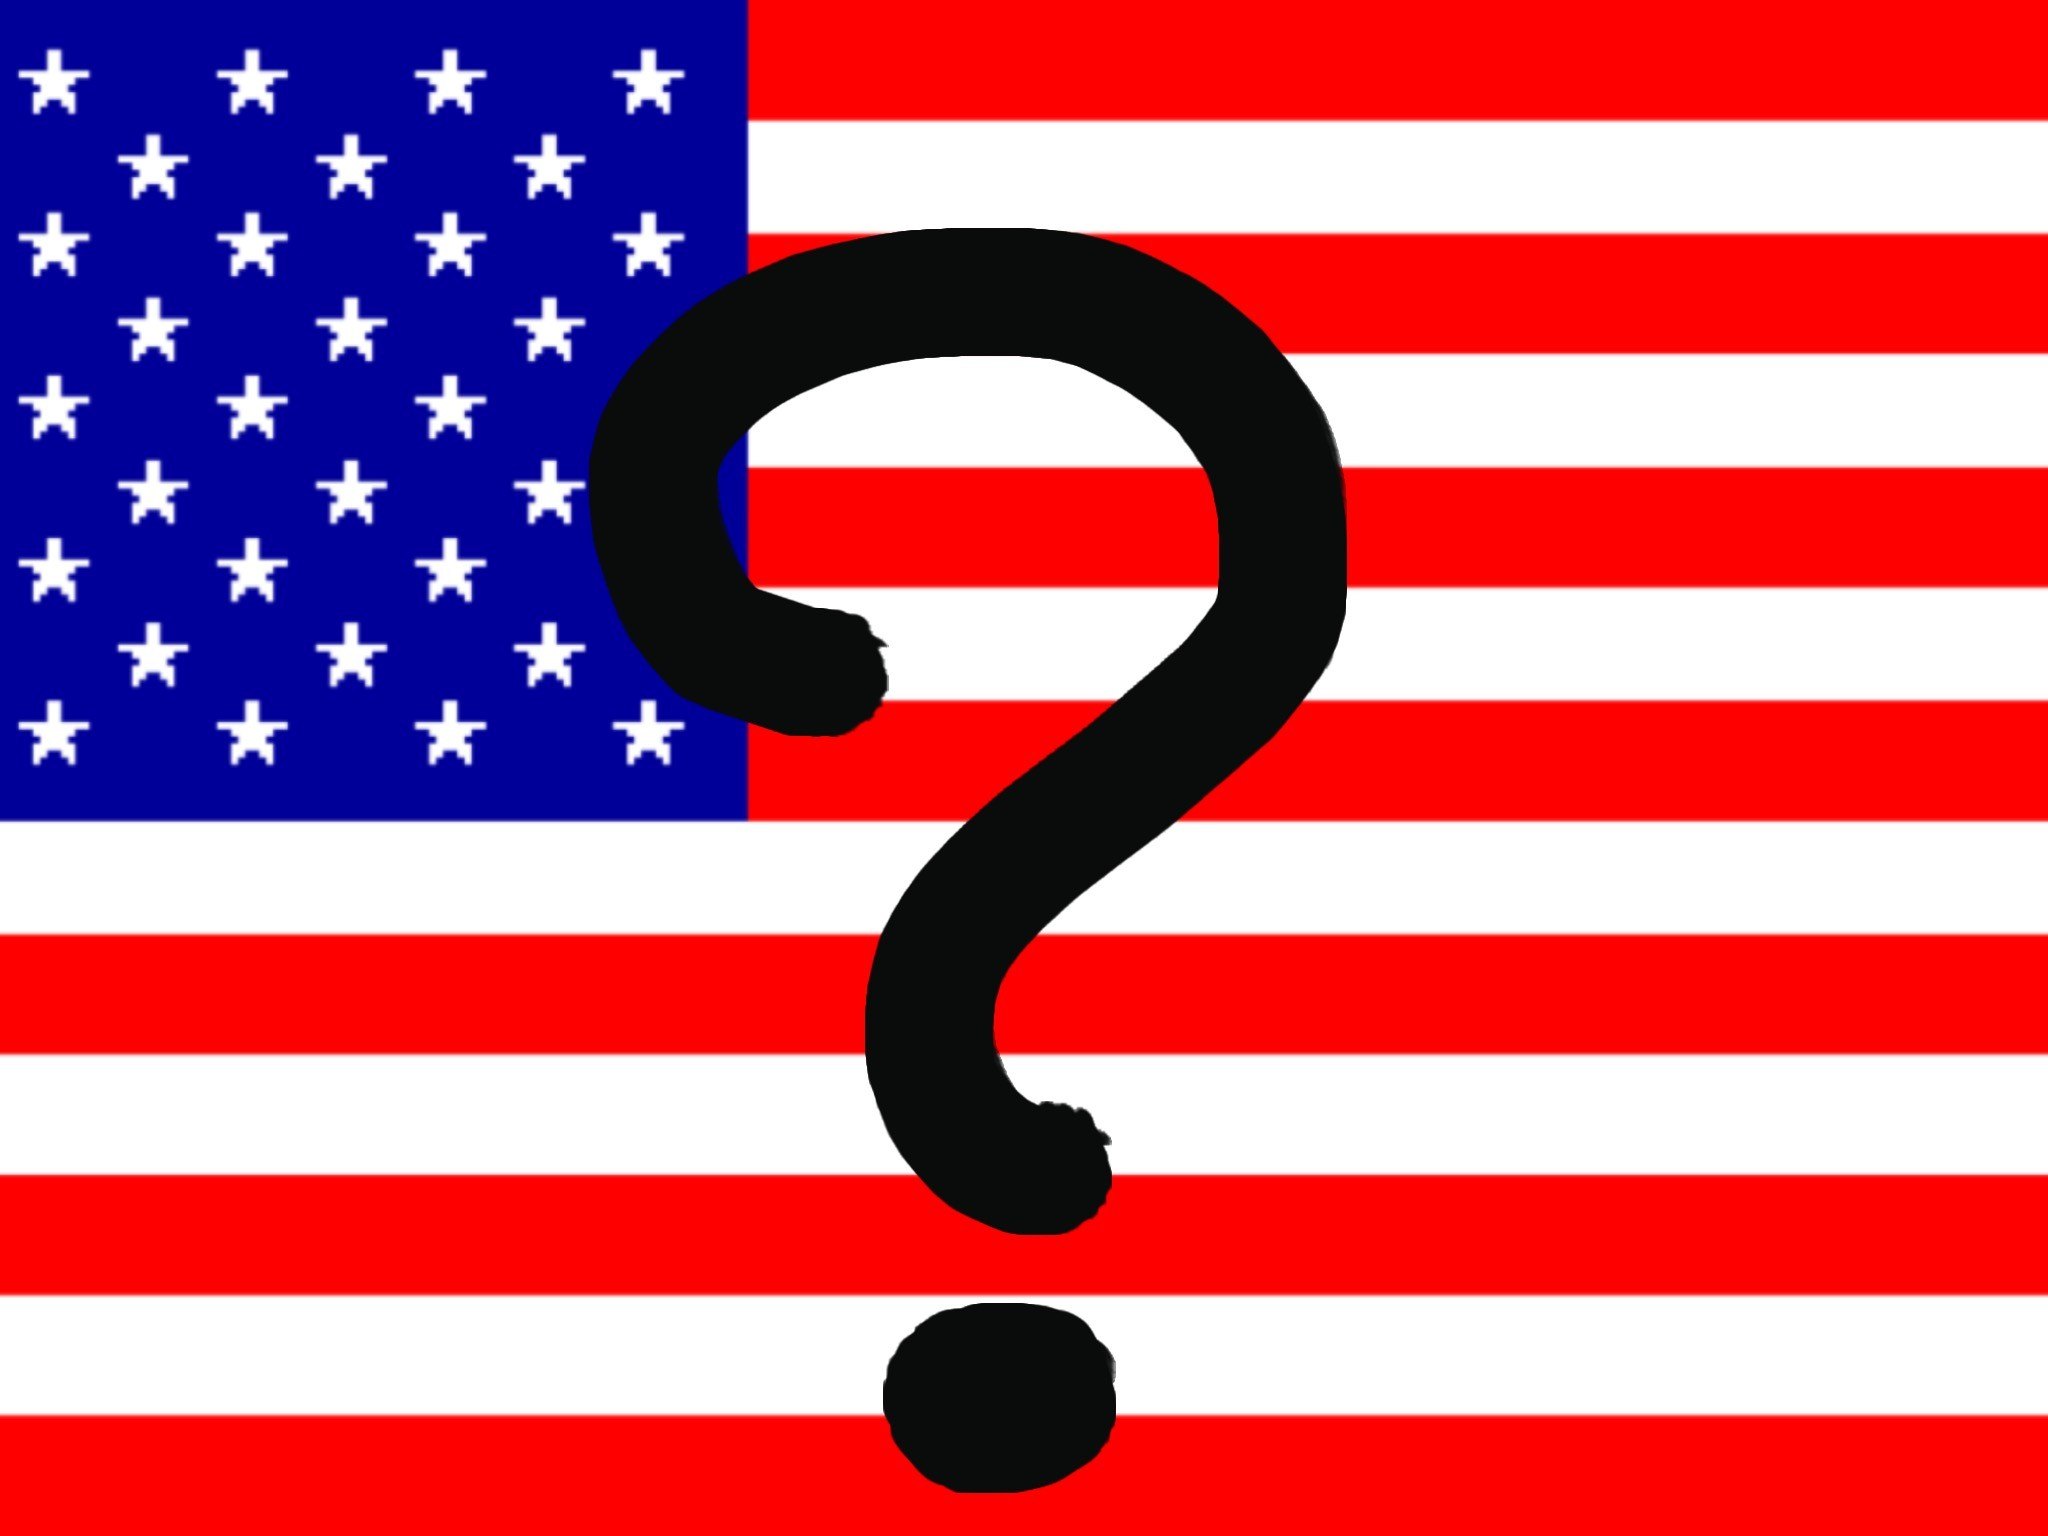 Ferais-tu un bon Américain ?